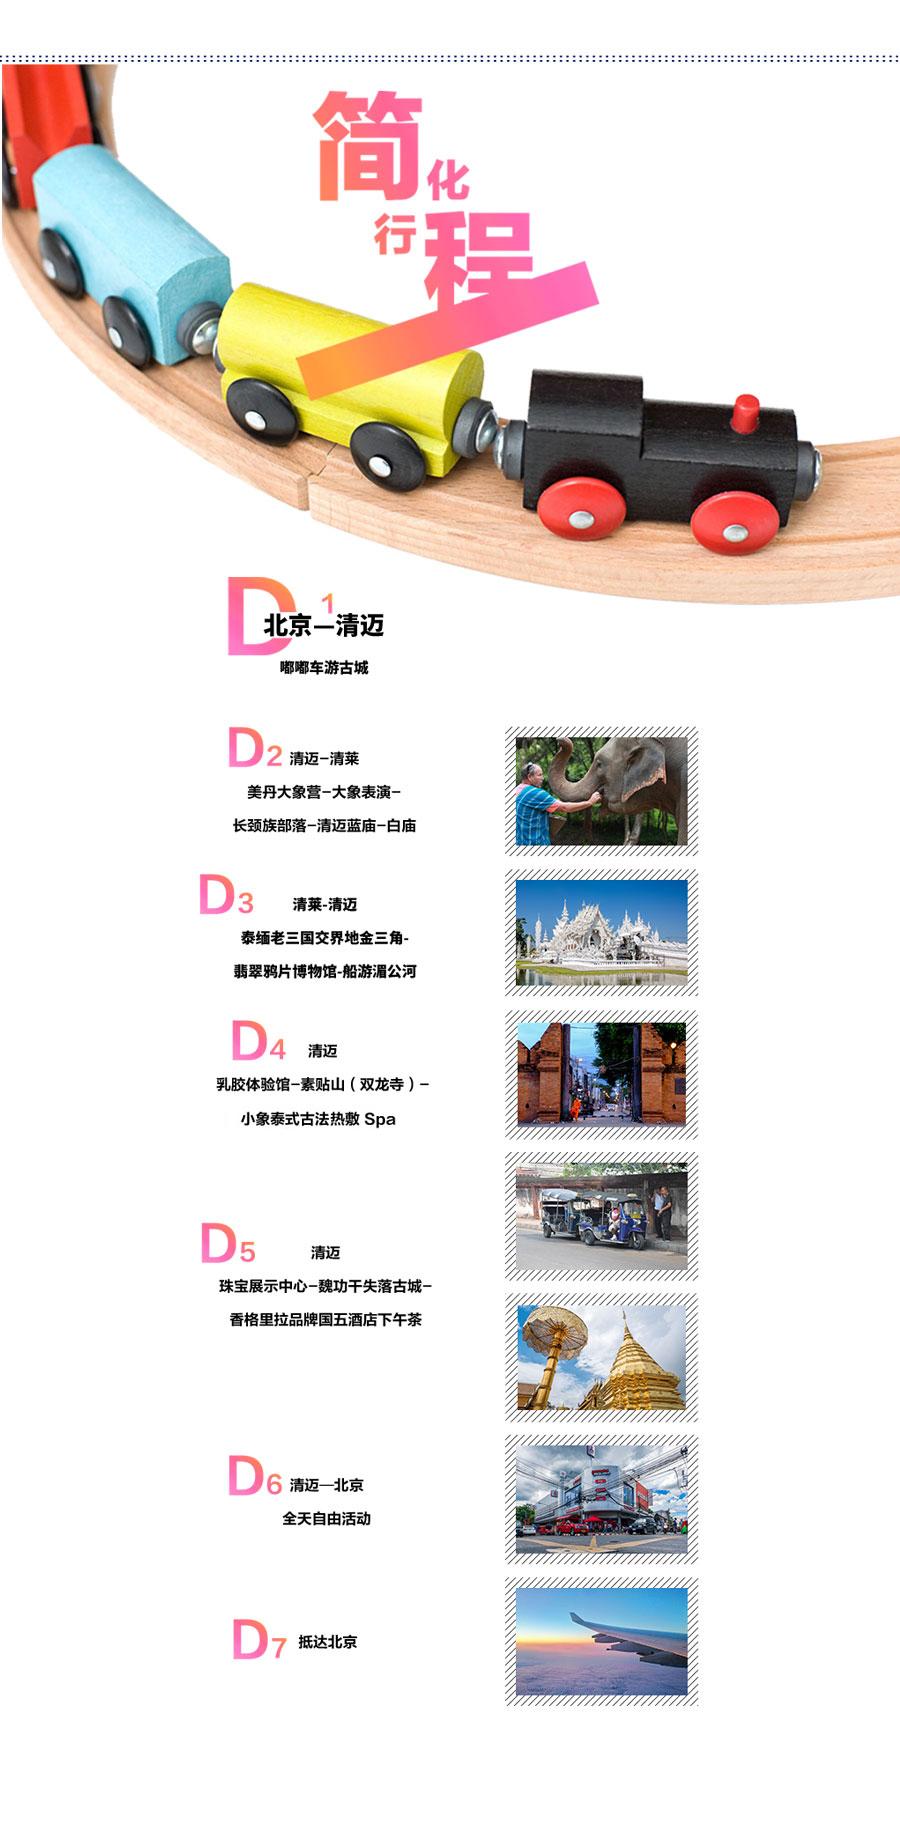 清迈御河+泰国6日5晚半自助游(4钻)清莱蓝庙别墅清迈融创图片